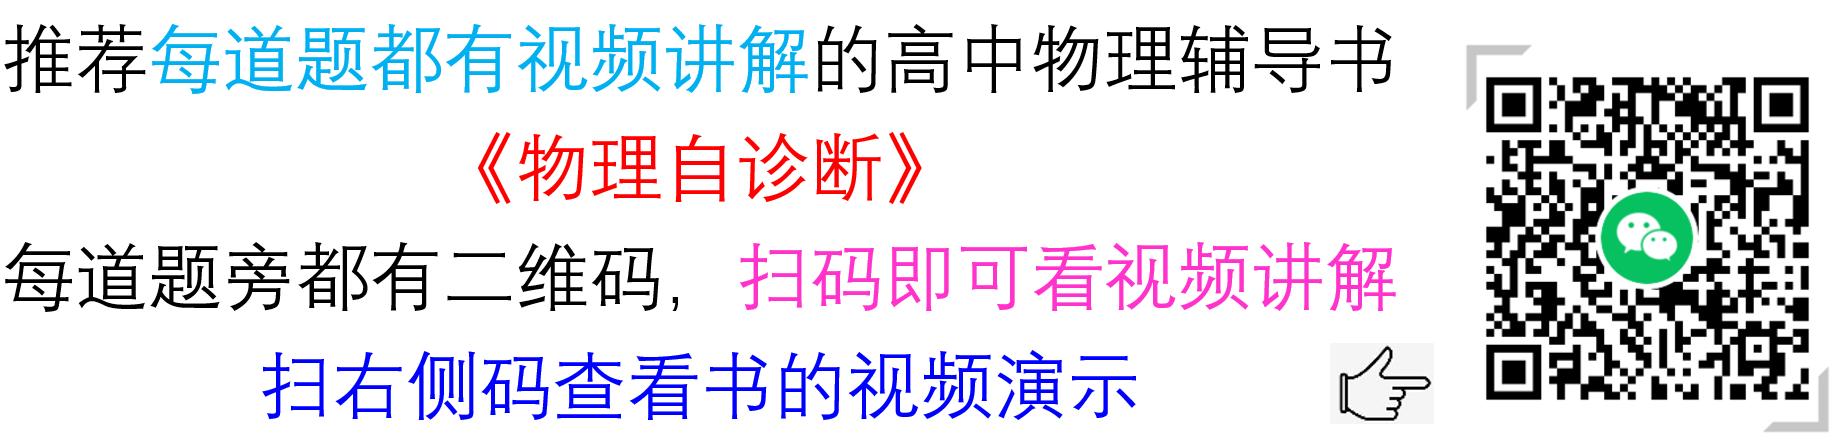 王尚老师的物理自诊断